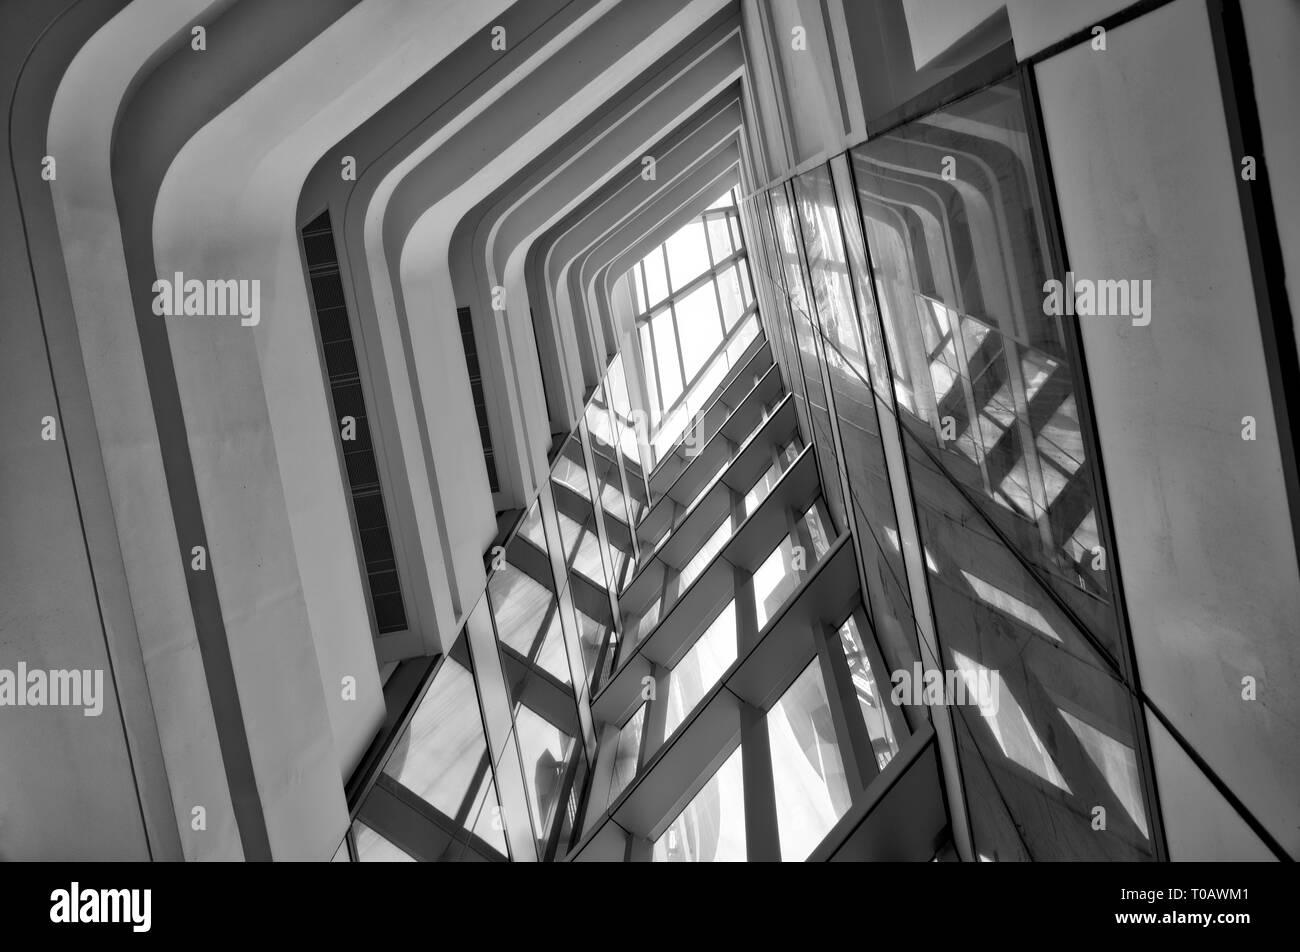 Hong Kong - building interior Stock Photo